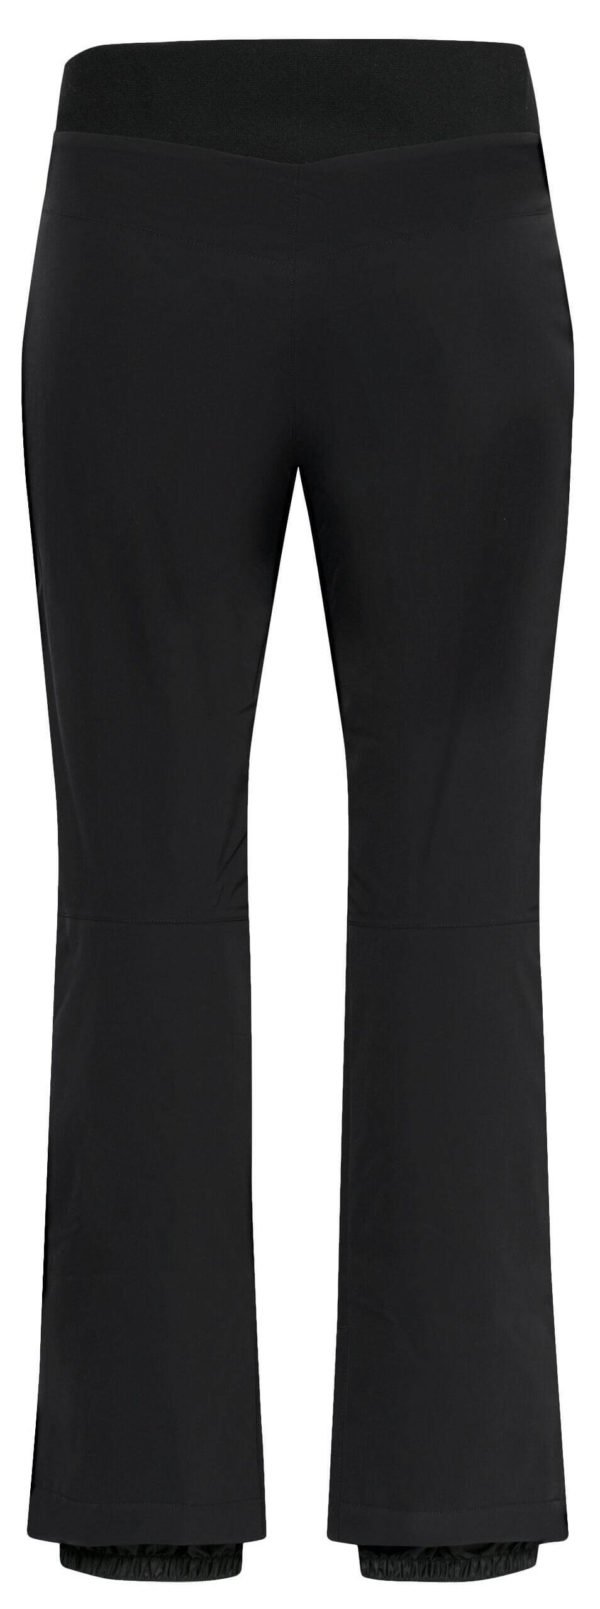 Женские брюки Descente Harriet (укороченные) - фото 2